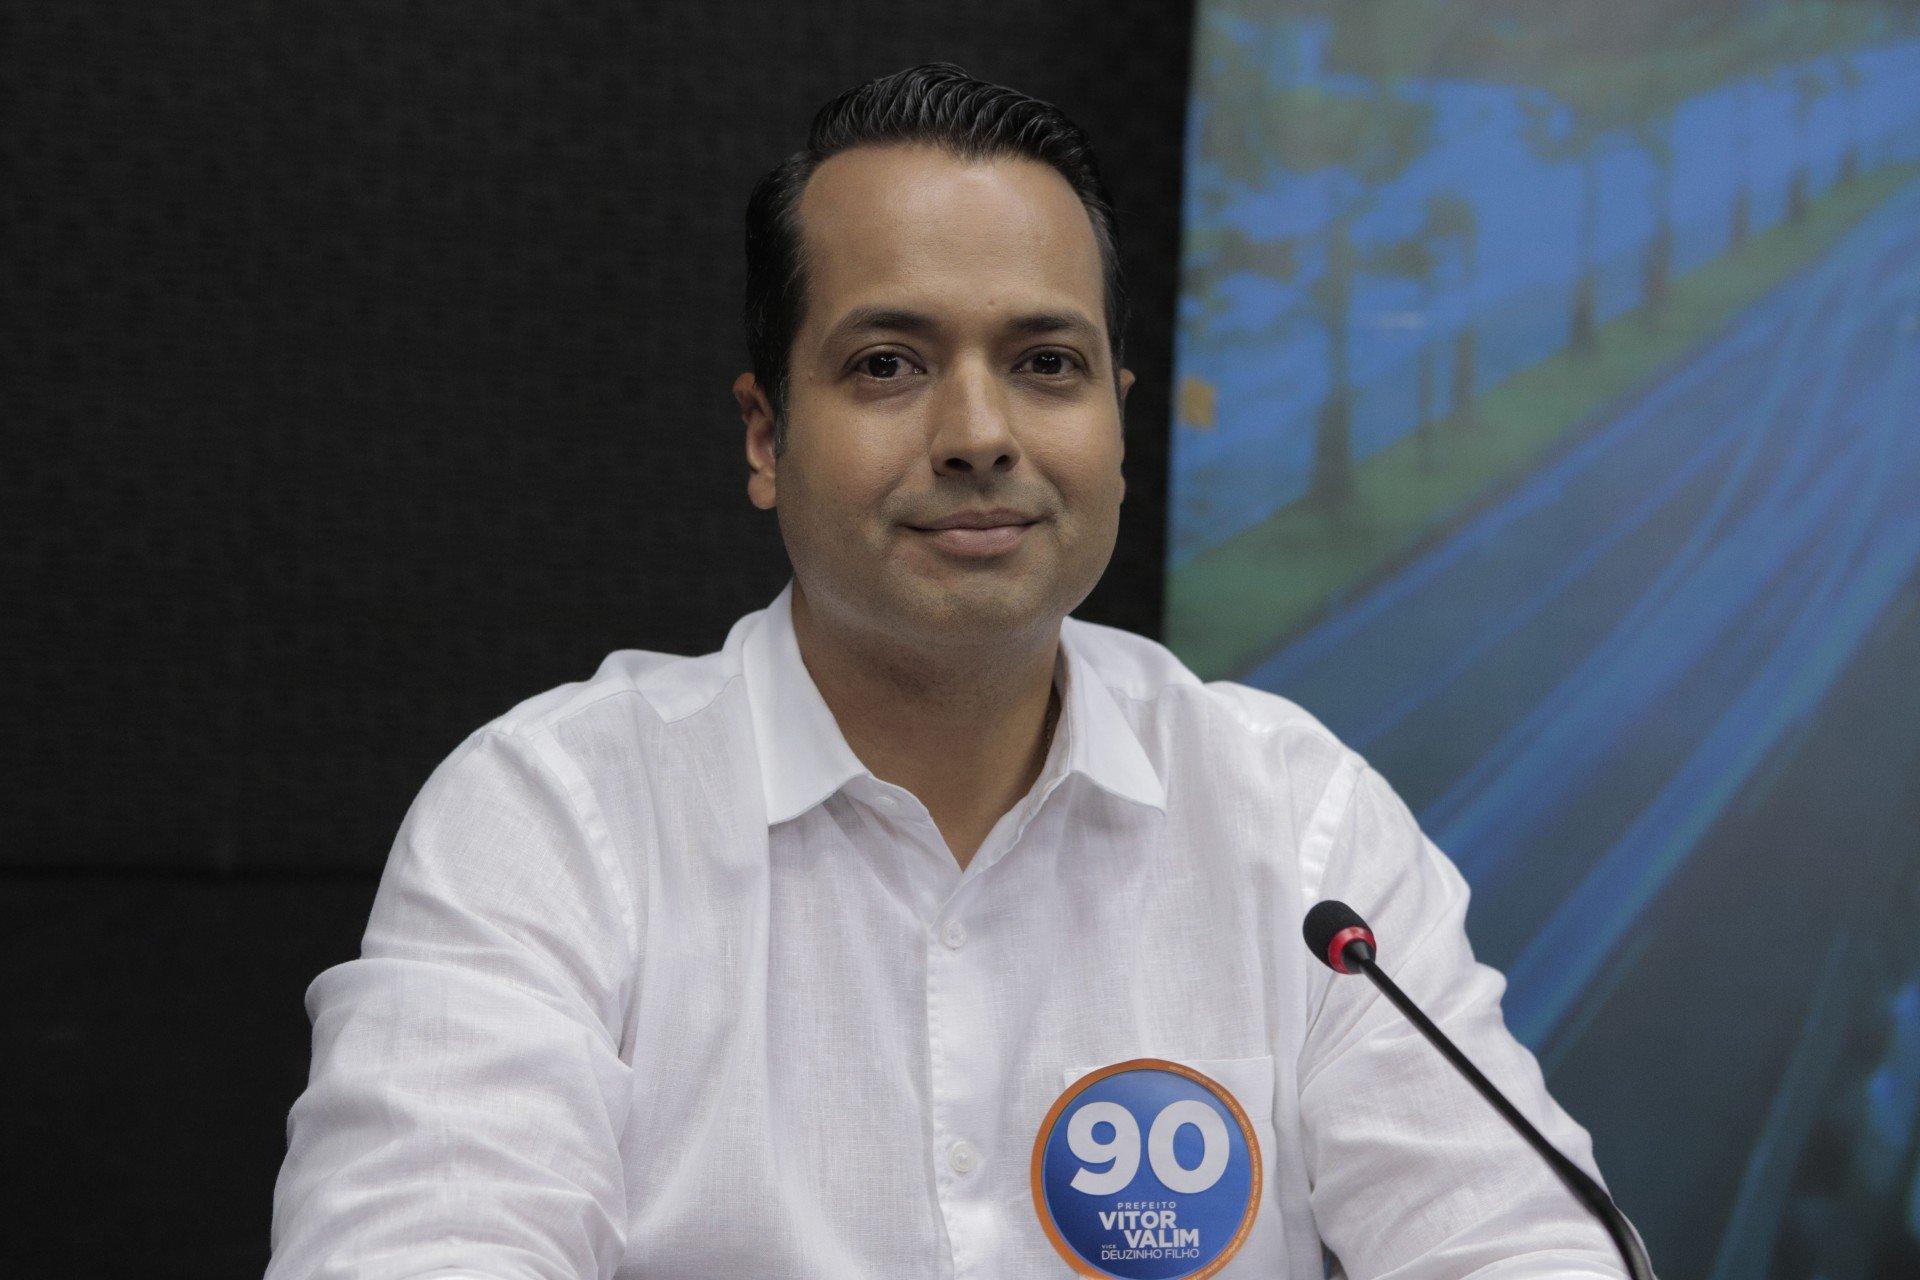 VALIM promete buscar diálogo com o Legislativo (Foto: FCO FONTENELE)